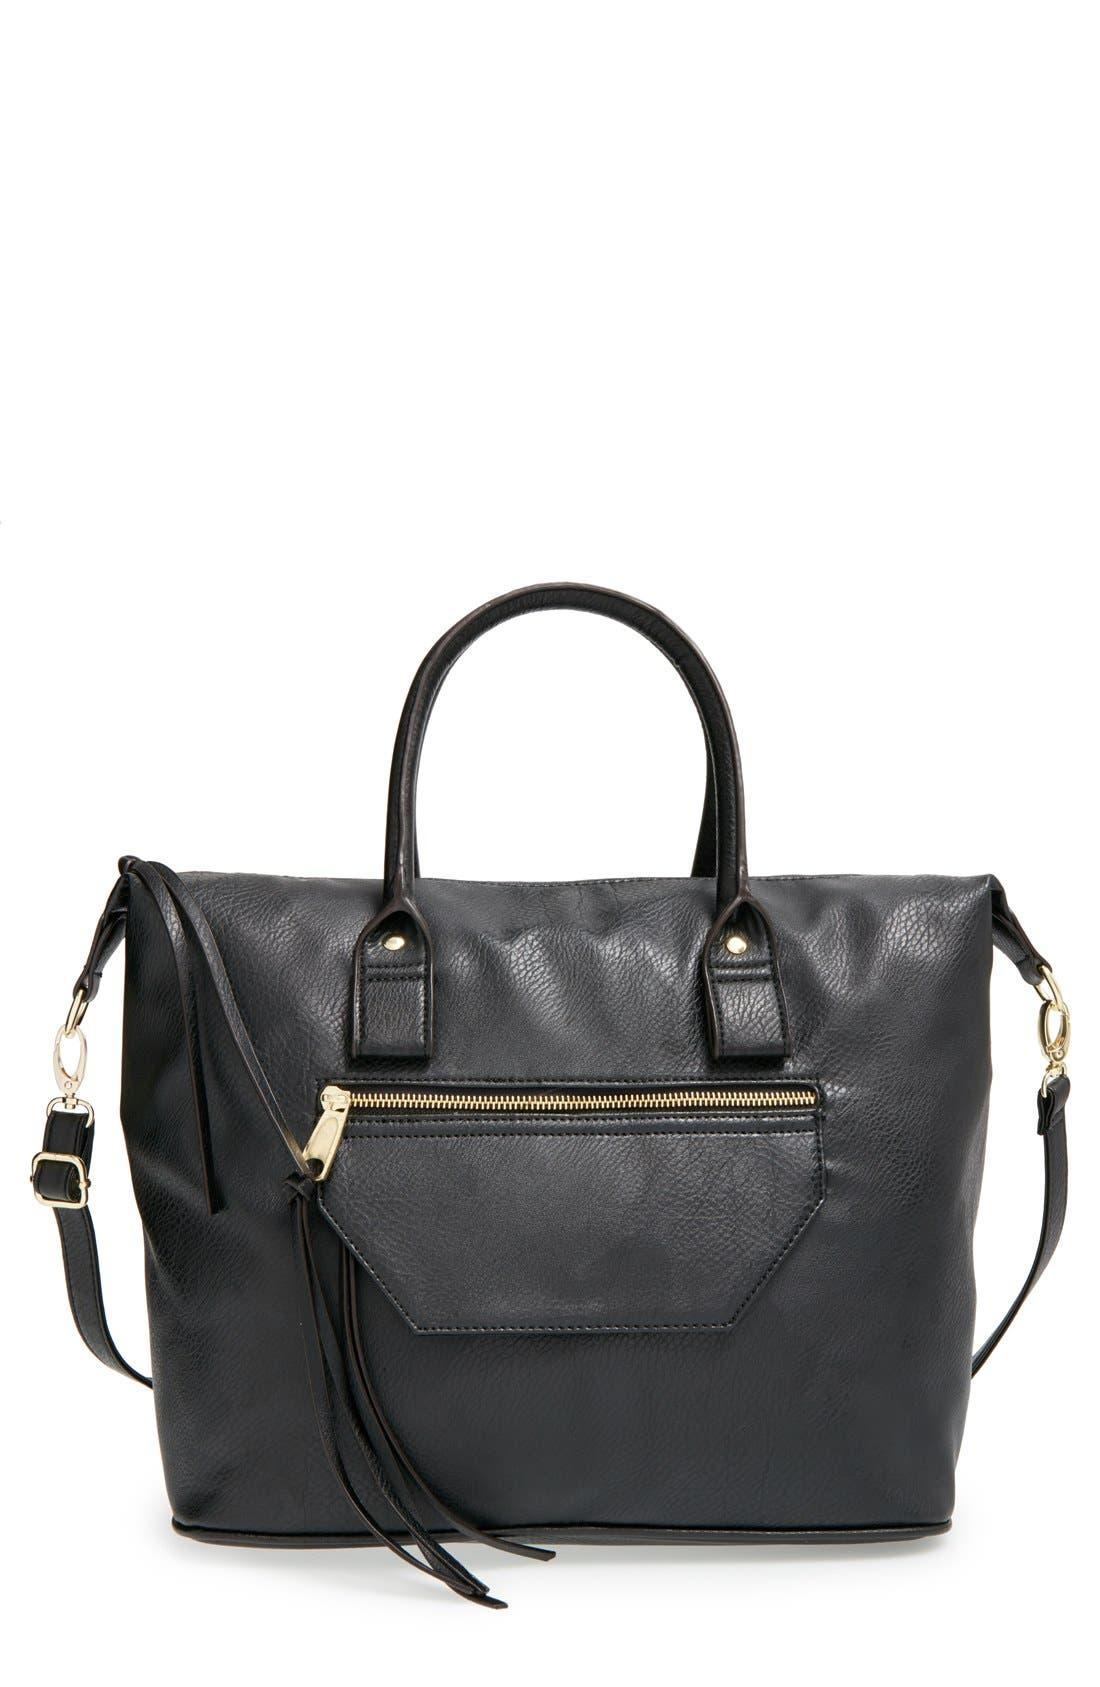 Main Image - BP. Faux Leather Satchel